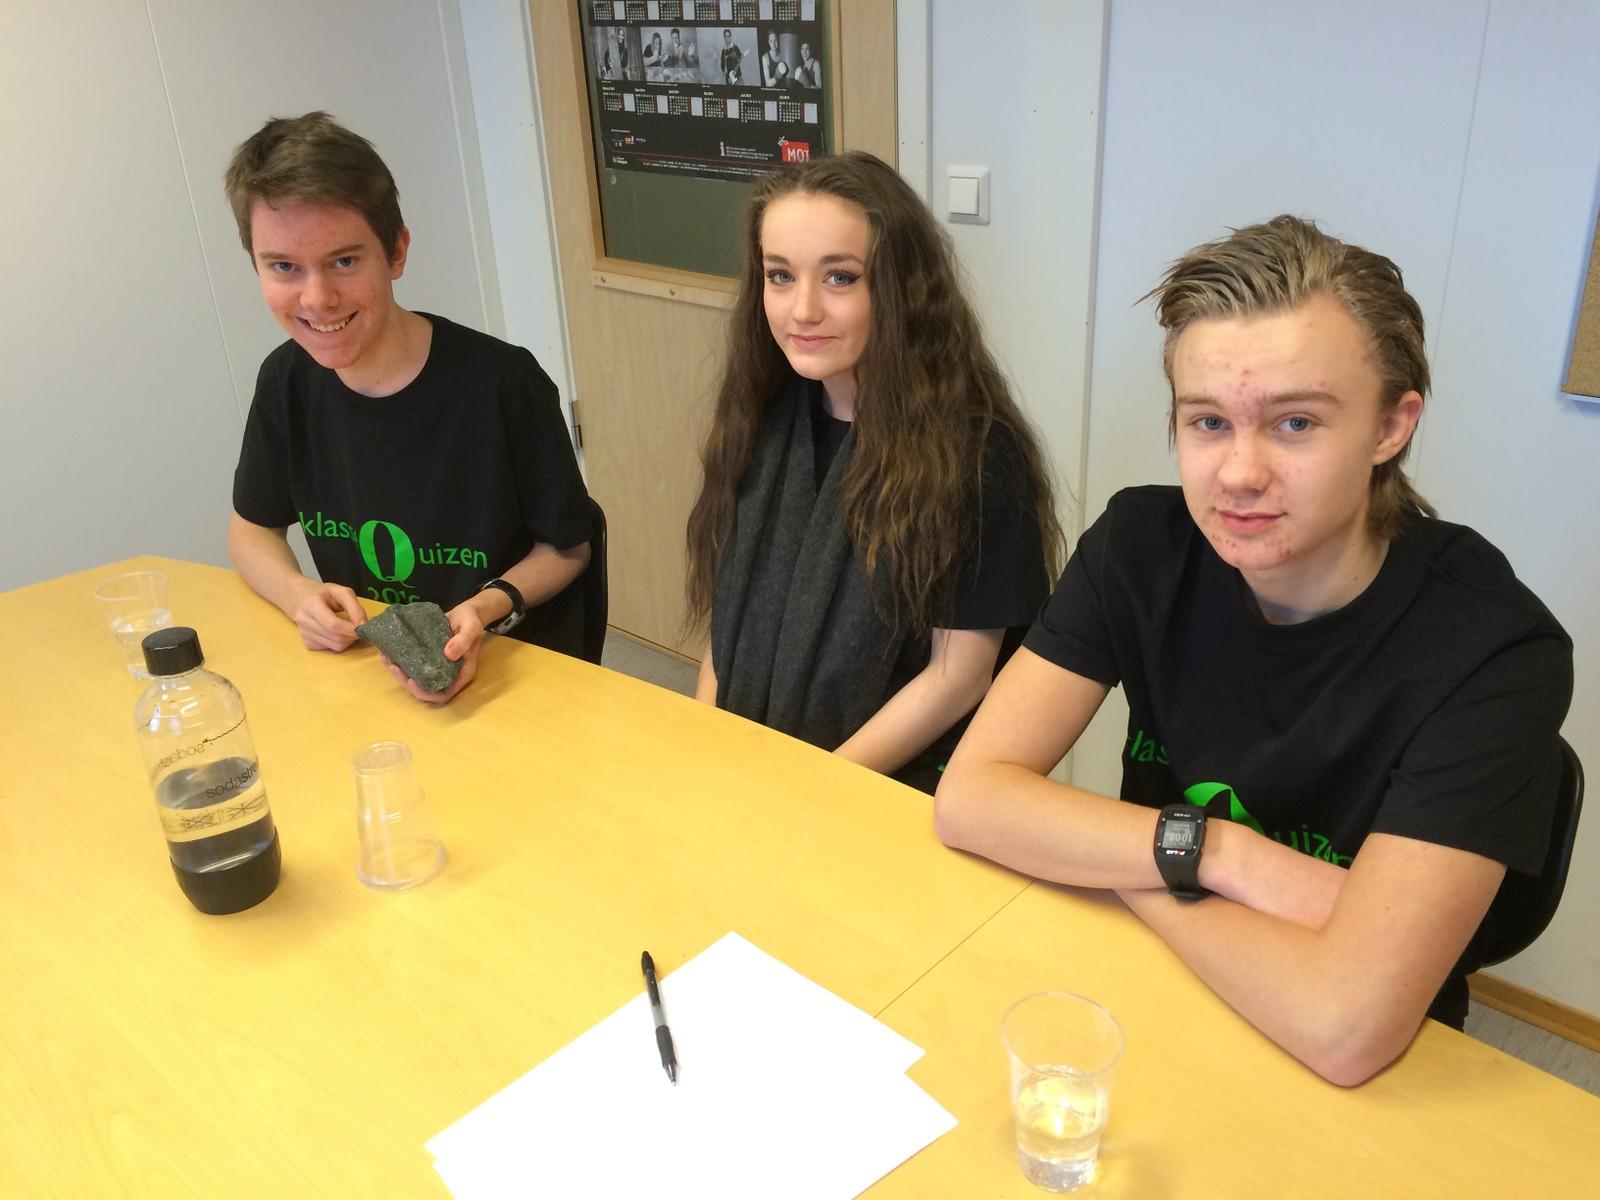 Elevene fra Hommelvik ungdomsskole i Malvik fikk 8 poeng av 12 mulige. Fra venstre: Knut Sæther, Lina Hammer, Bård Einar Murbrekk.